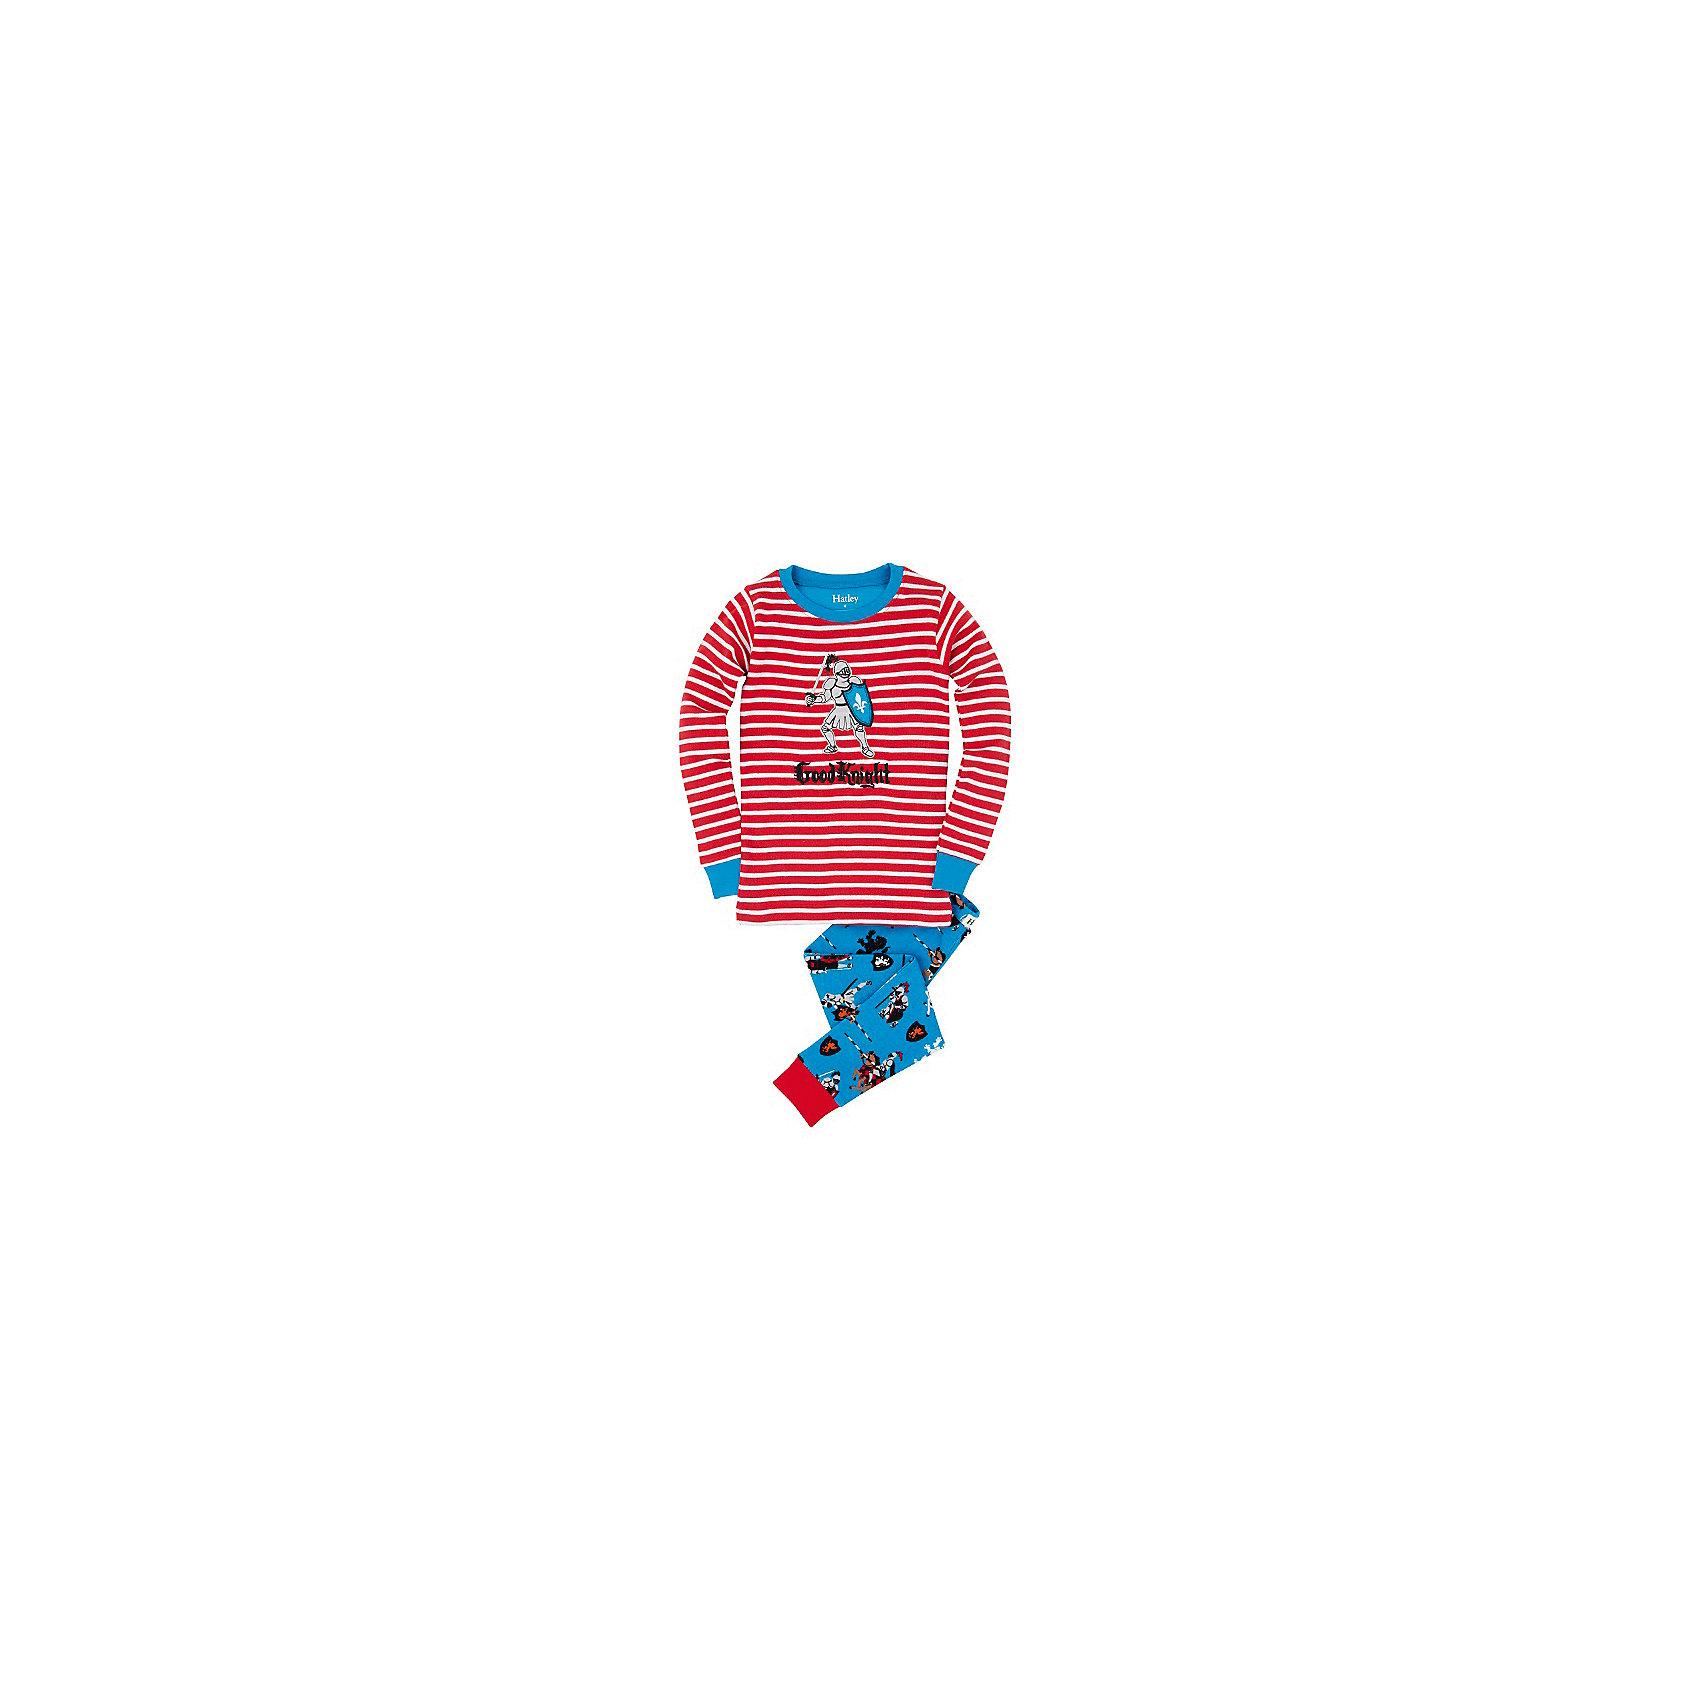 Пижама для мальчика HatleyПижамы и сорочки<br>Пижама для мальчика Hatley<br><br>Характеристики:<br><br>• Цвет: голубой, красный<br>• Материал: 100% хлопок<br><br>Милая и яркая пижама для мальчика сделана из качественного материала, который не вызывает аллергию. Манжеты внизу на штанишках и на рукавах делают пижаму еще теплее, ведь они не позволяют пижамке «задраться» во время сна. Рыцарь, изображенный на пижаме, не сможет оставить равнодушным ни одного мальчишку.<br><br>Пижама для мальчика Hatley можно купить в нашем интернет-магазине.<br><br>Ширина мм: 281<br>Глубина мм: 70<br>Высота мм: 188<br>Вес г: 295<br>Цвет: синий/красный<br>Возраст от месяцев: 18<br>Возраст до месяцев: 24<br>Пол: Мужской<br>Возраст: Детский<br>Размер: 92,104,122,128,110,98,116<br>SKU: 5020812